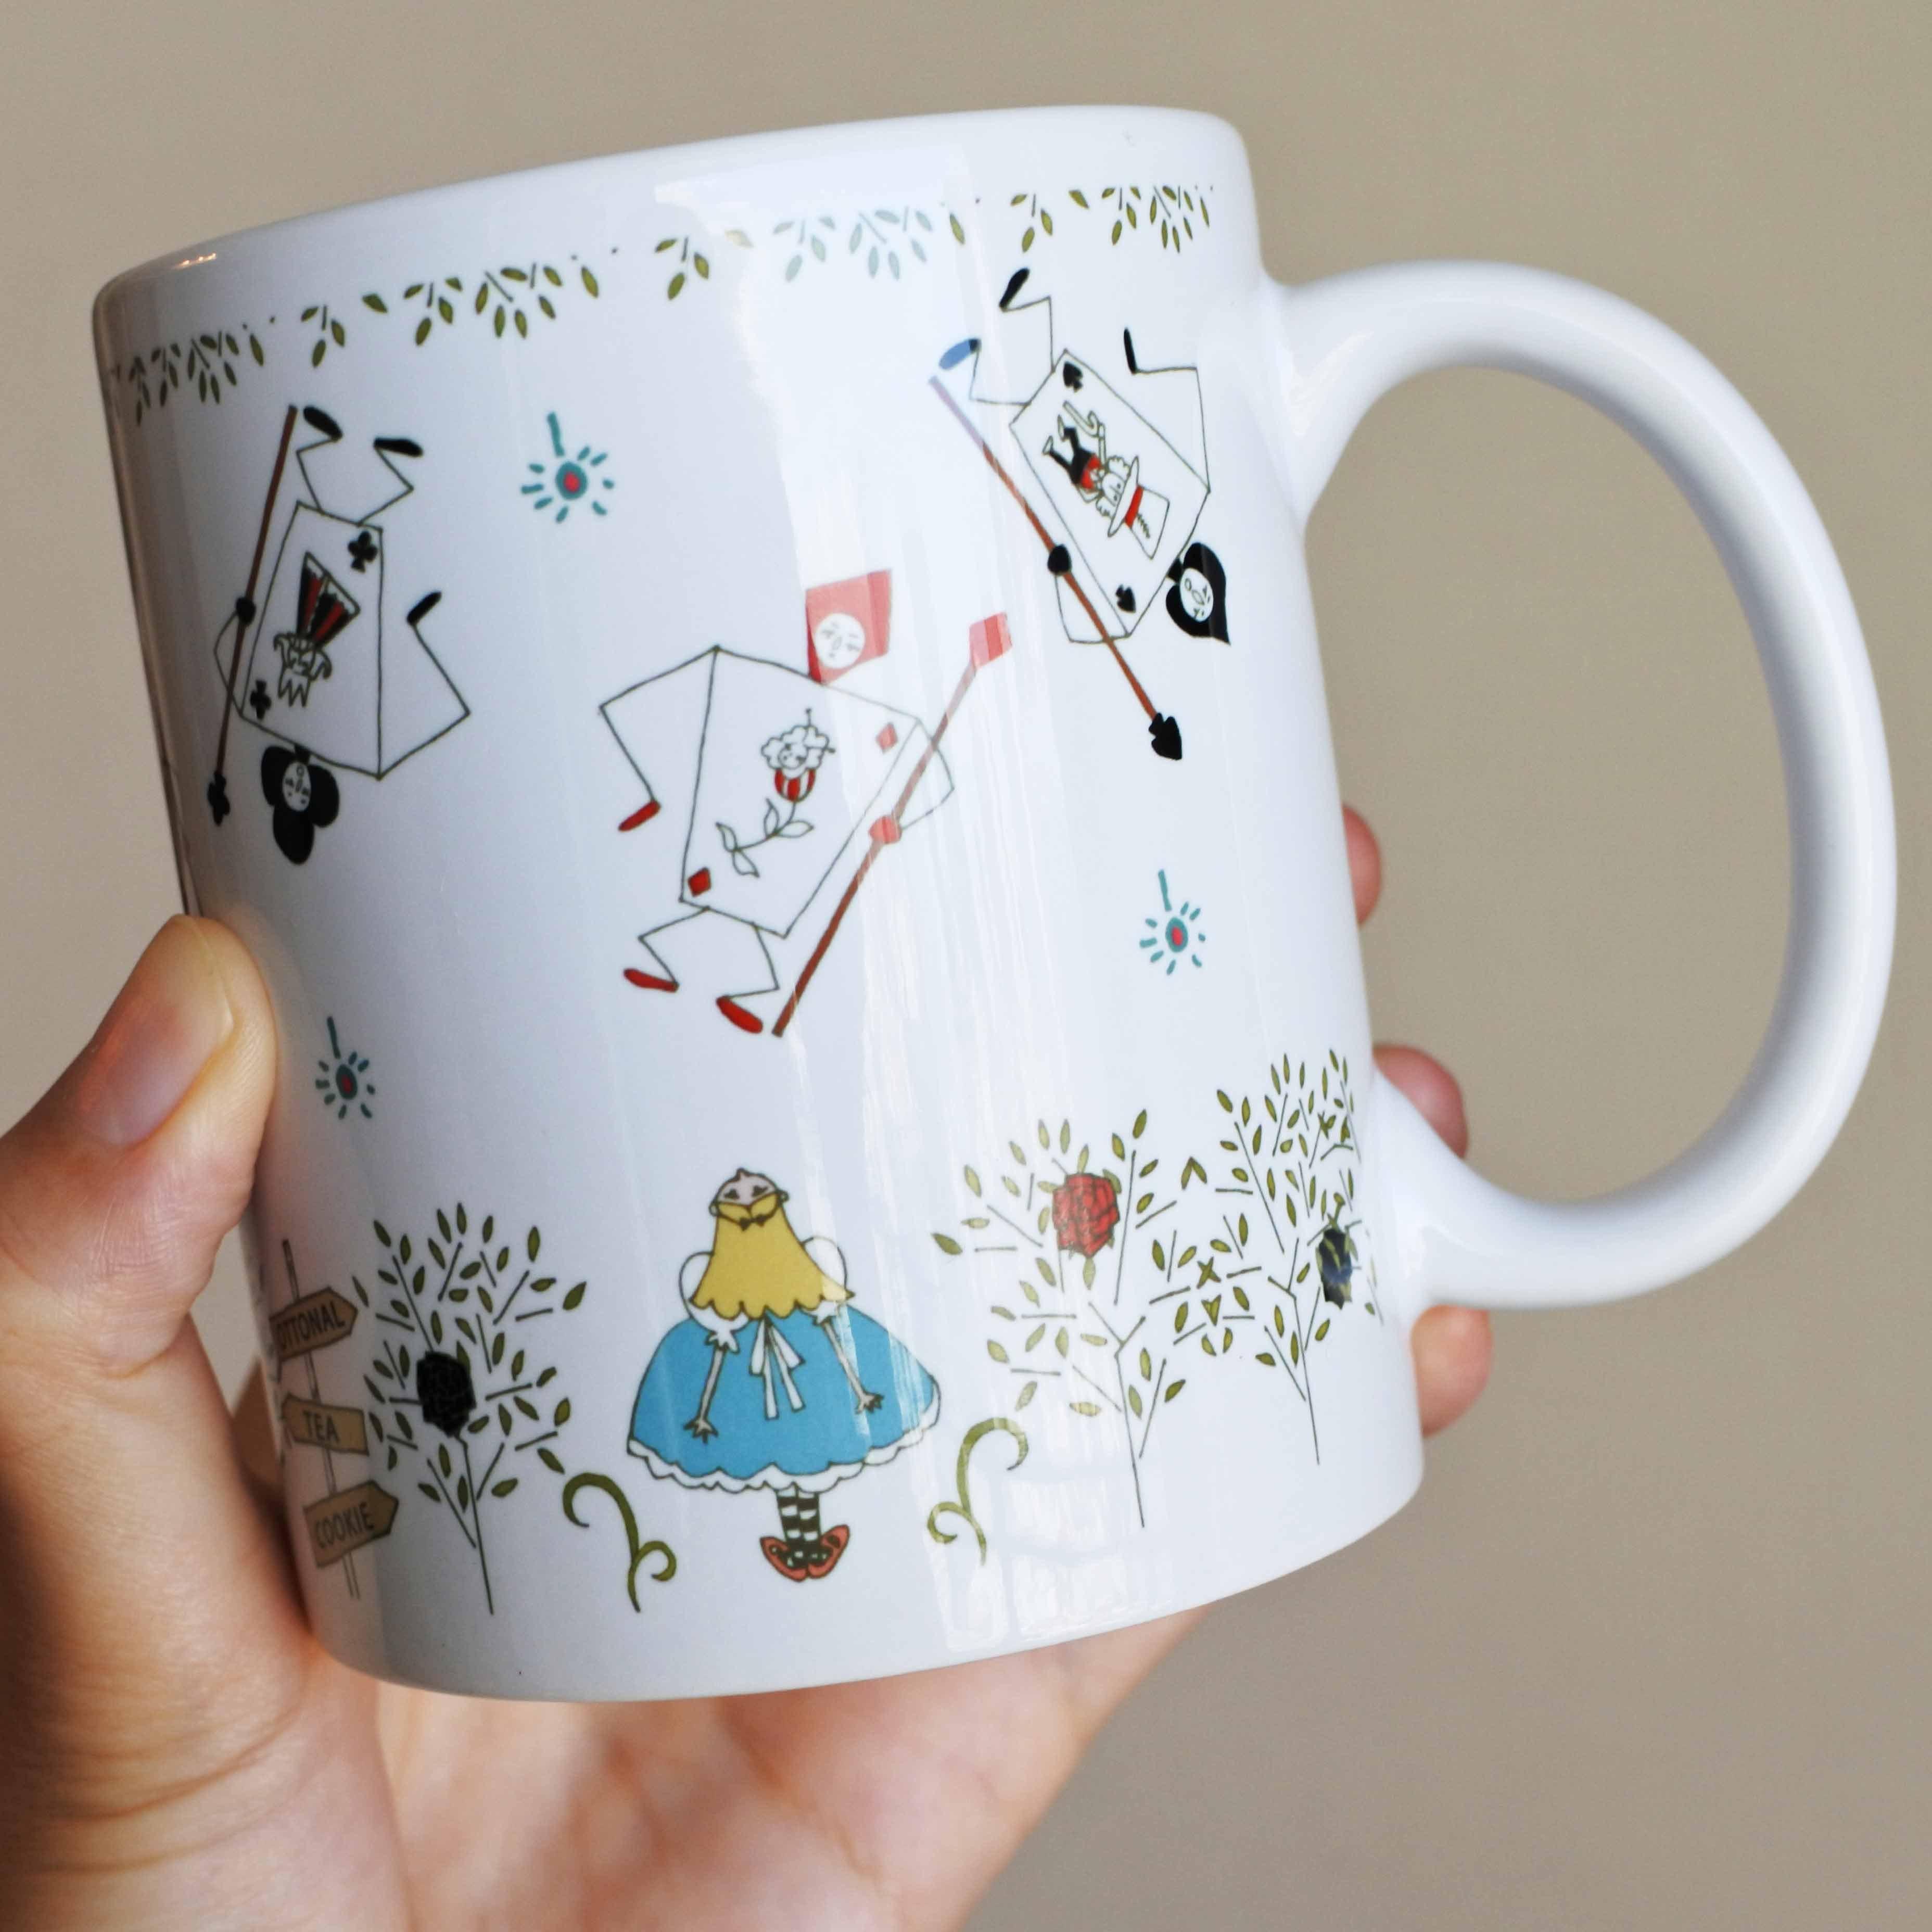 アリス マグカップ - 画像1